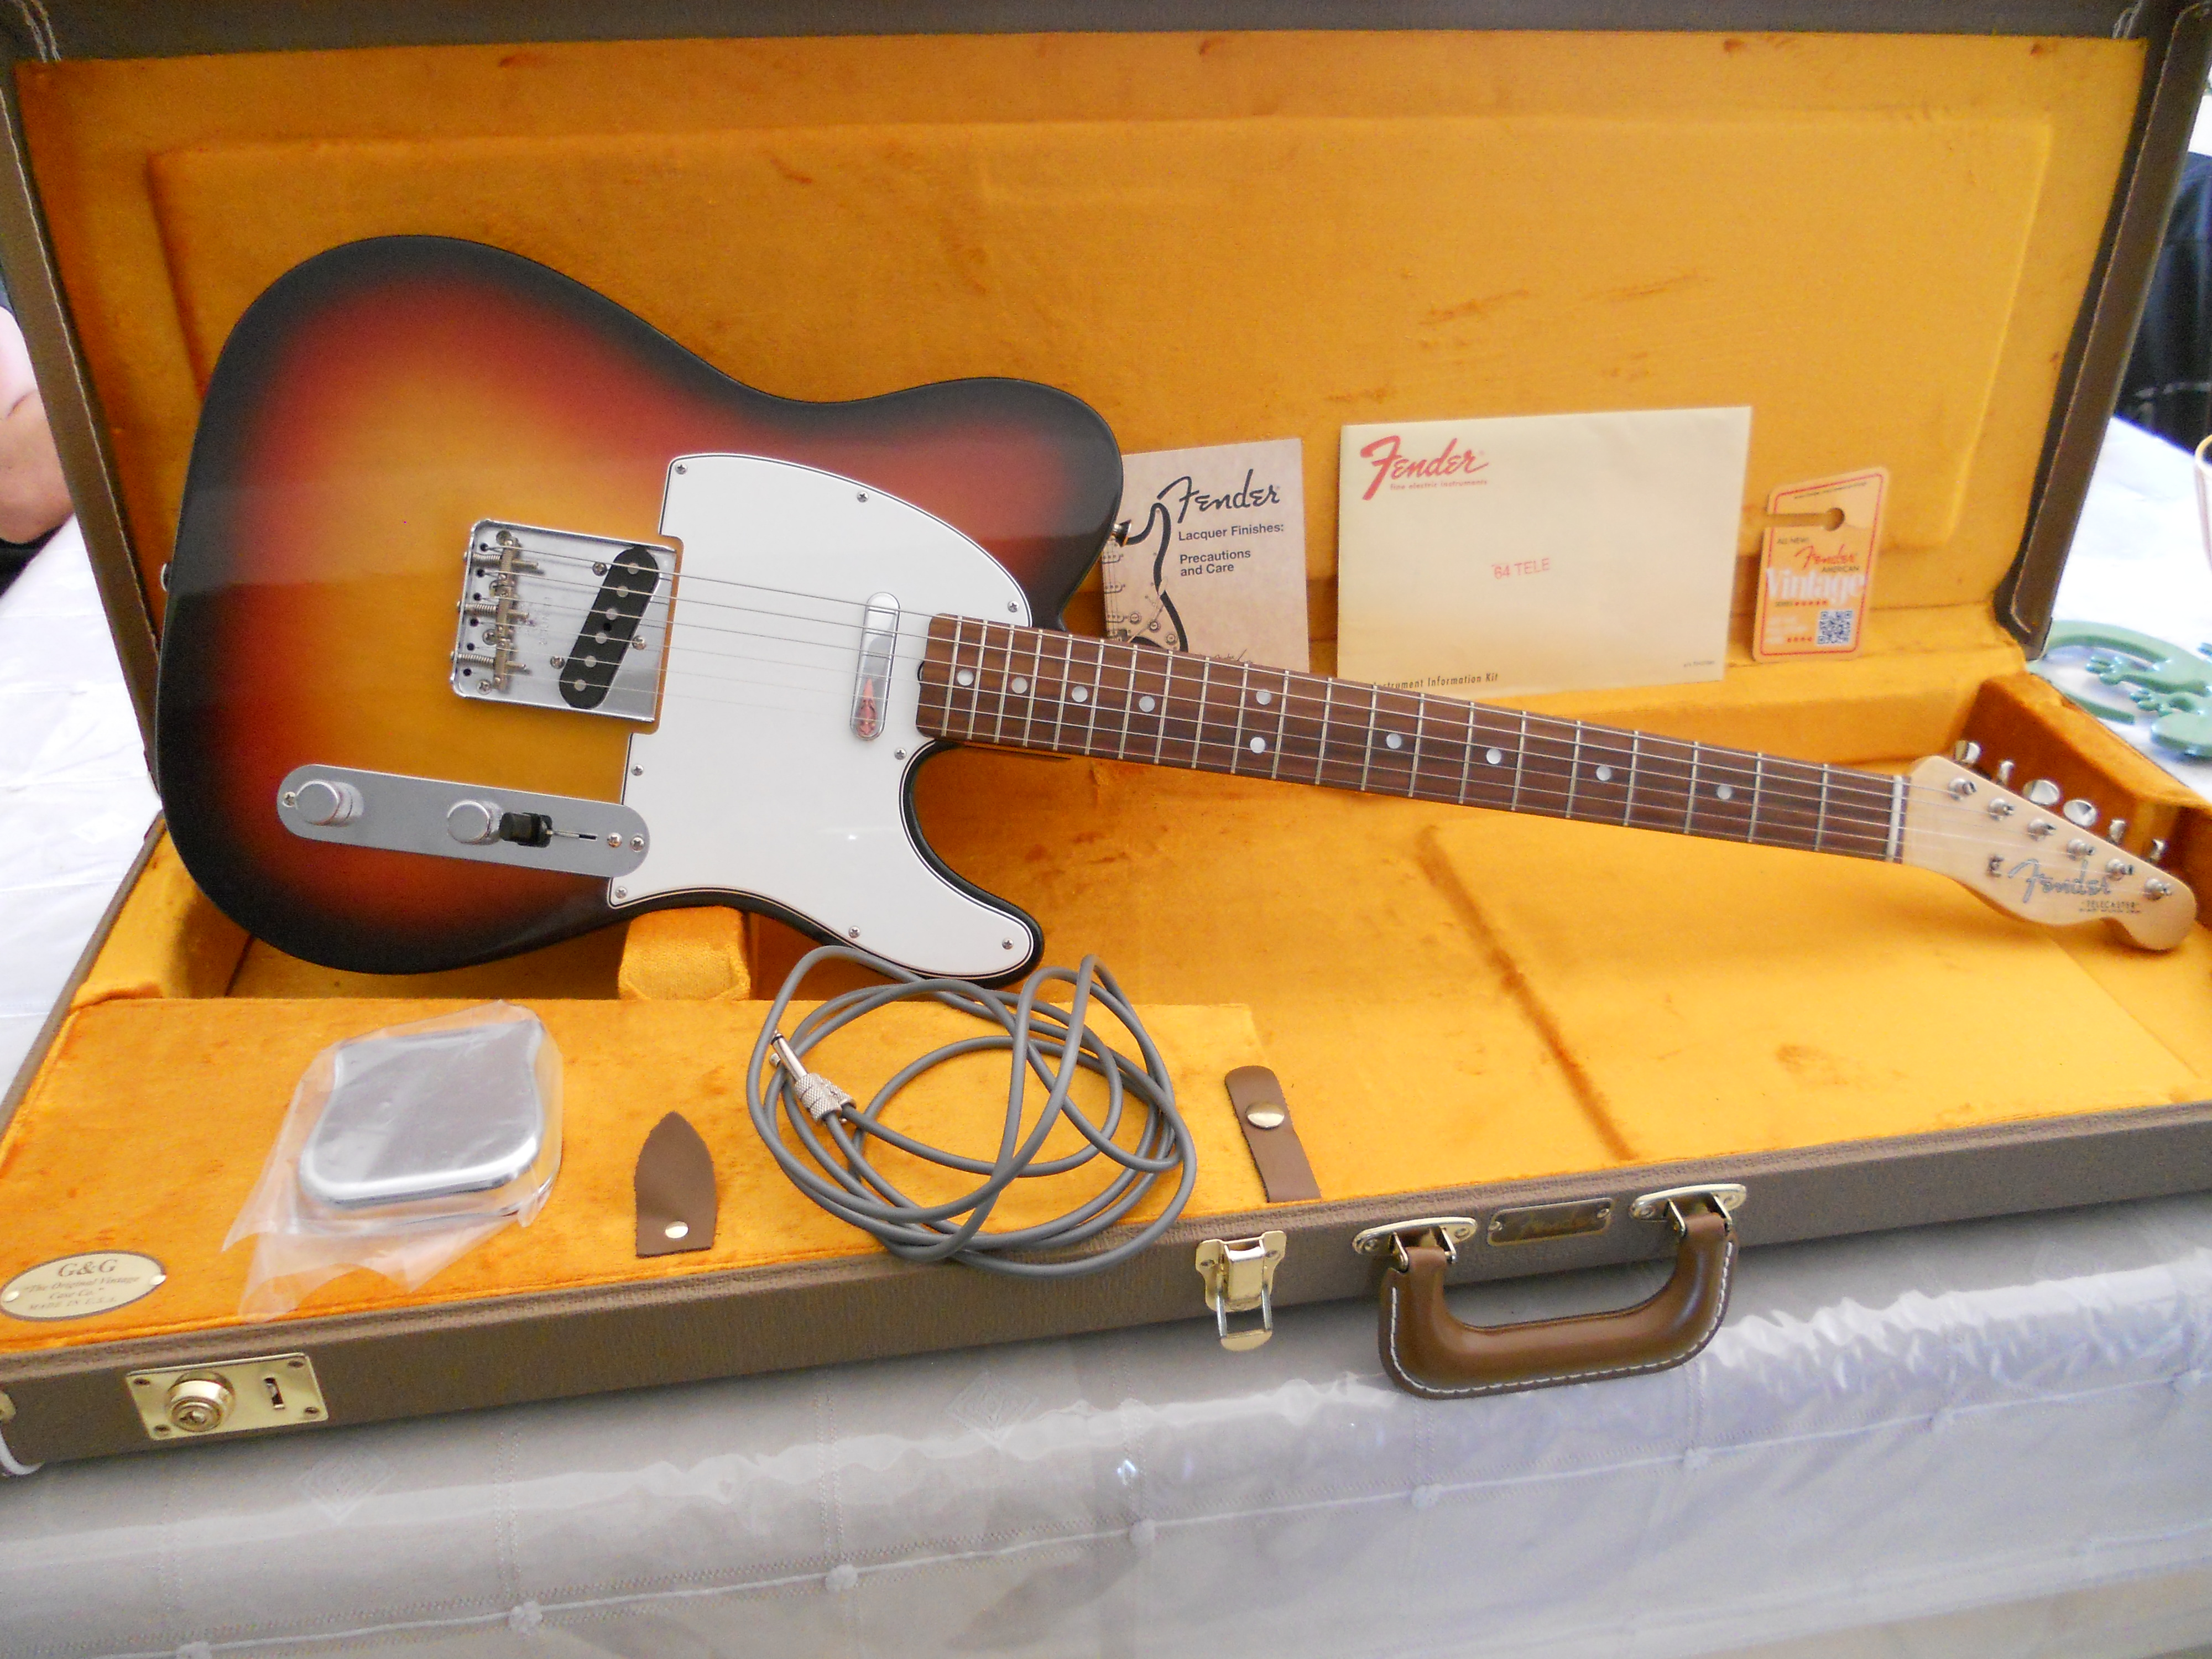 fender american vintage 39 64 telecaster image 1052696 audiofanzine. Black Bedroom Furniture Sets. Home Design Ideas